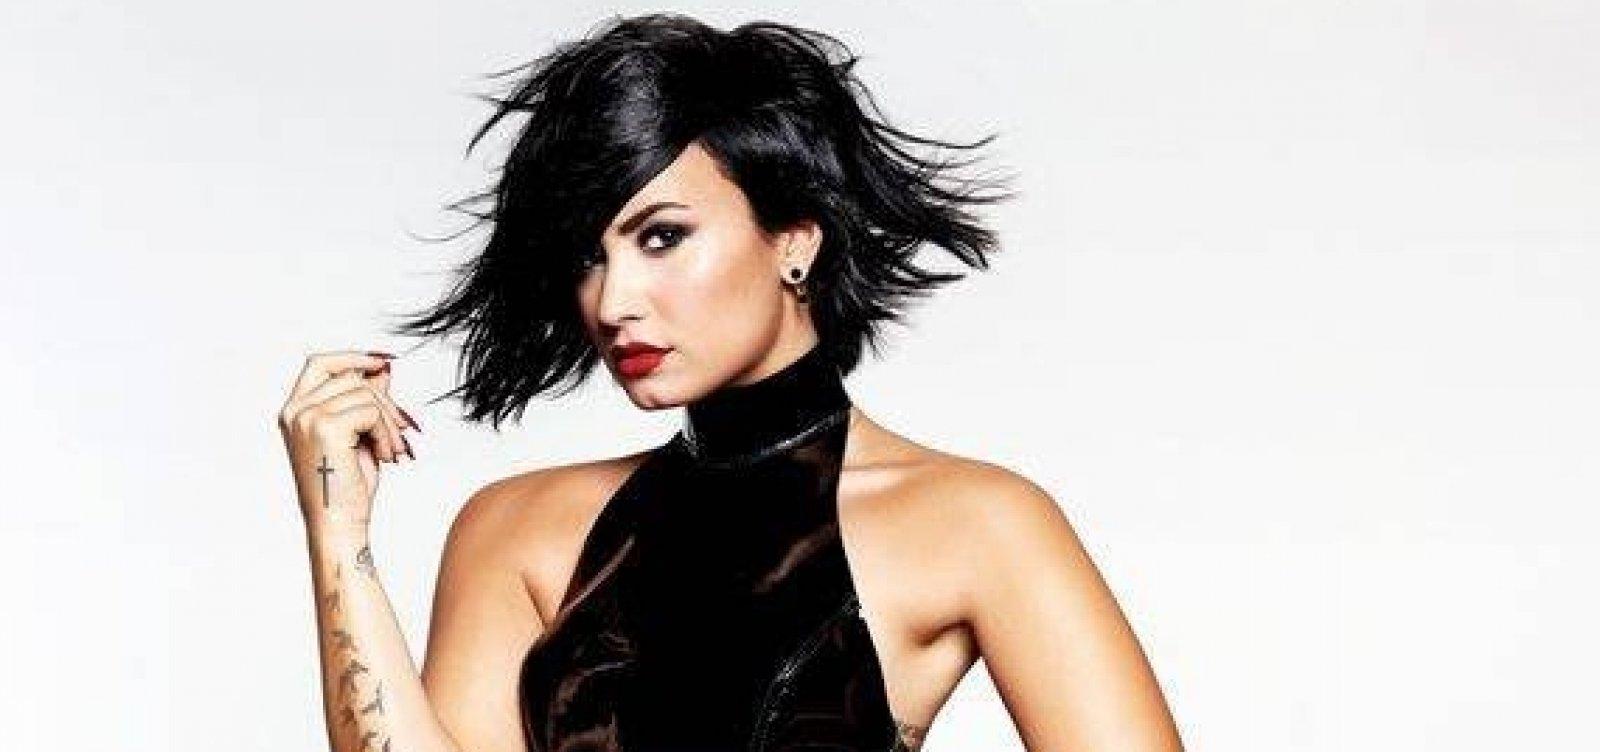 [Após três meses, Demi Lovato deixa clínica de reabilitação]